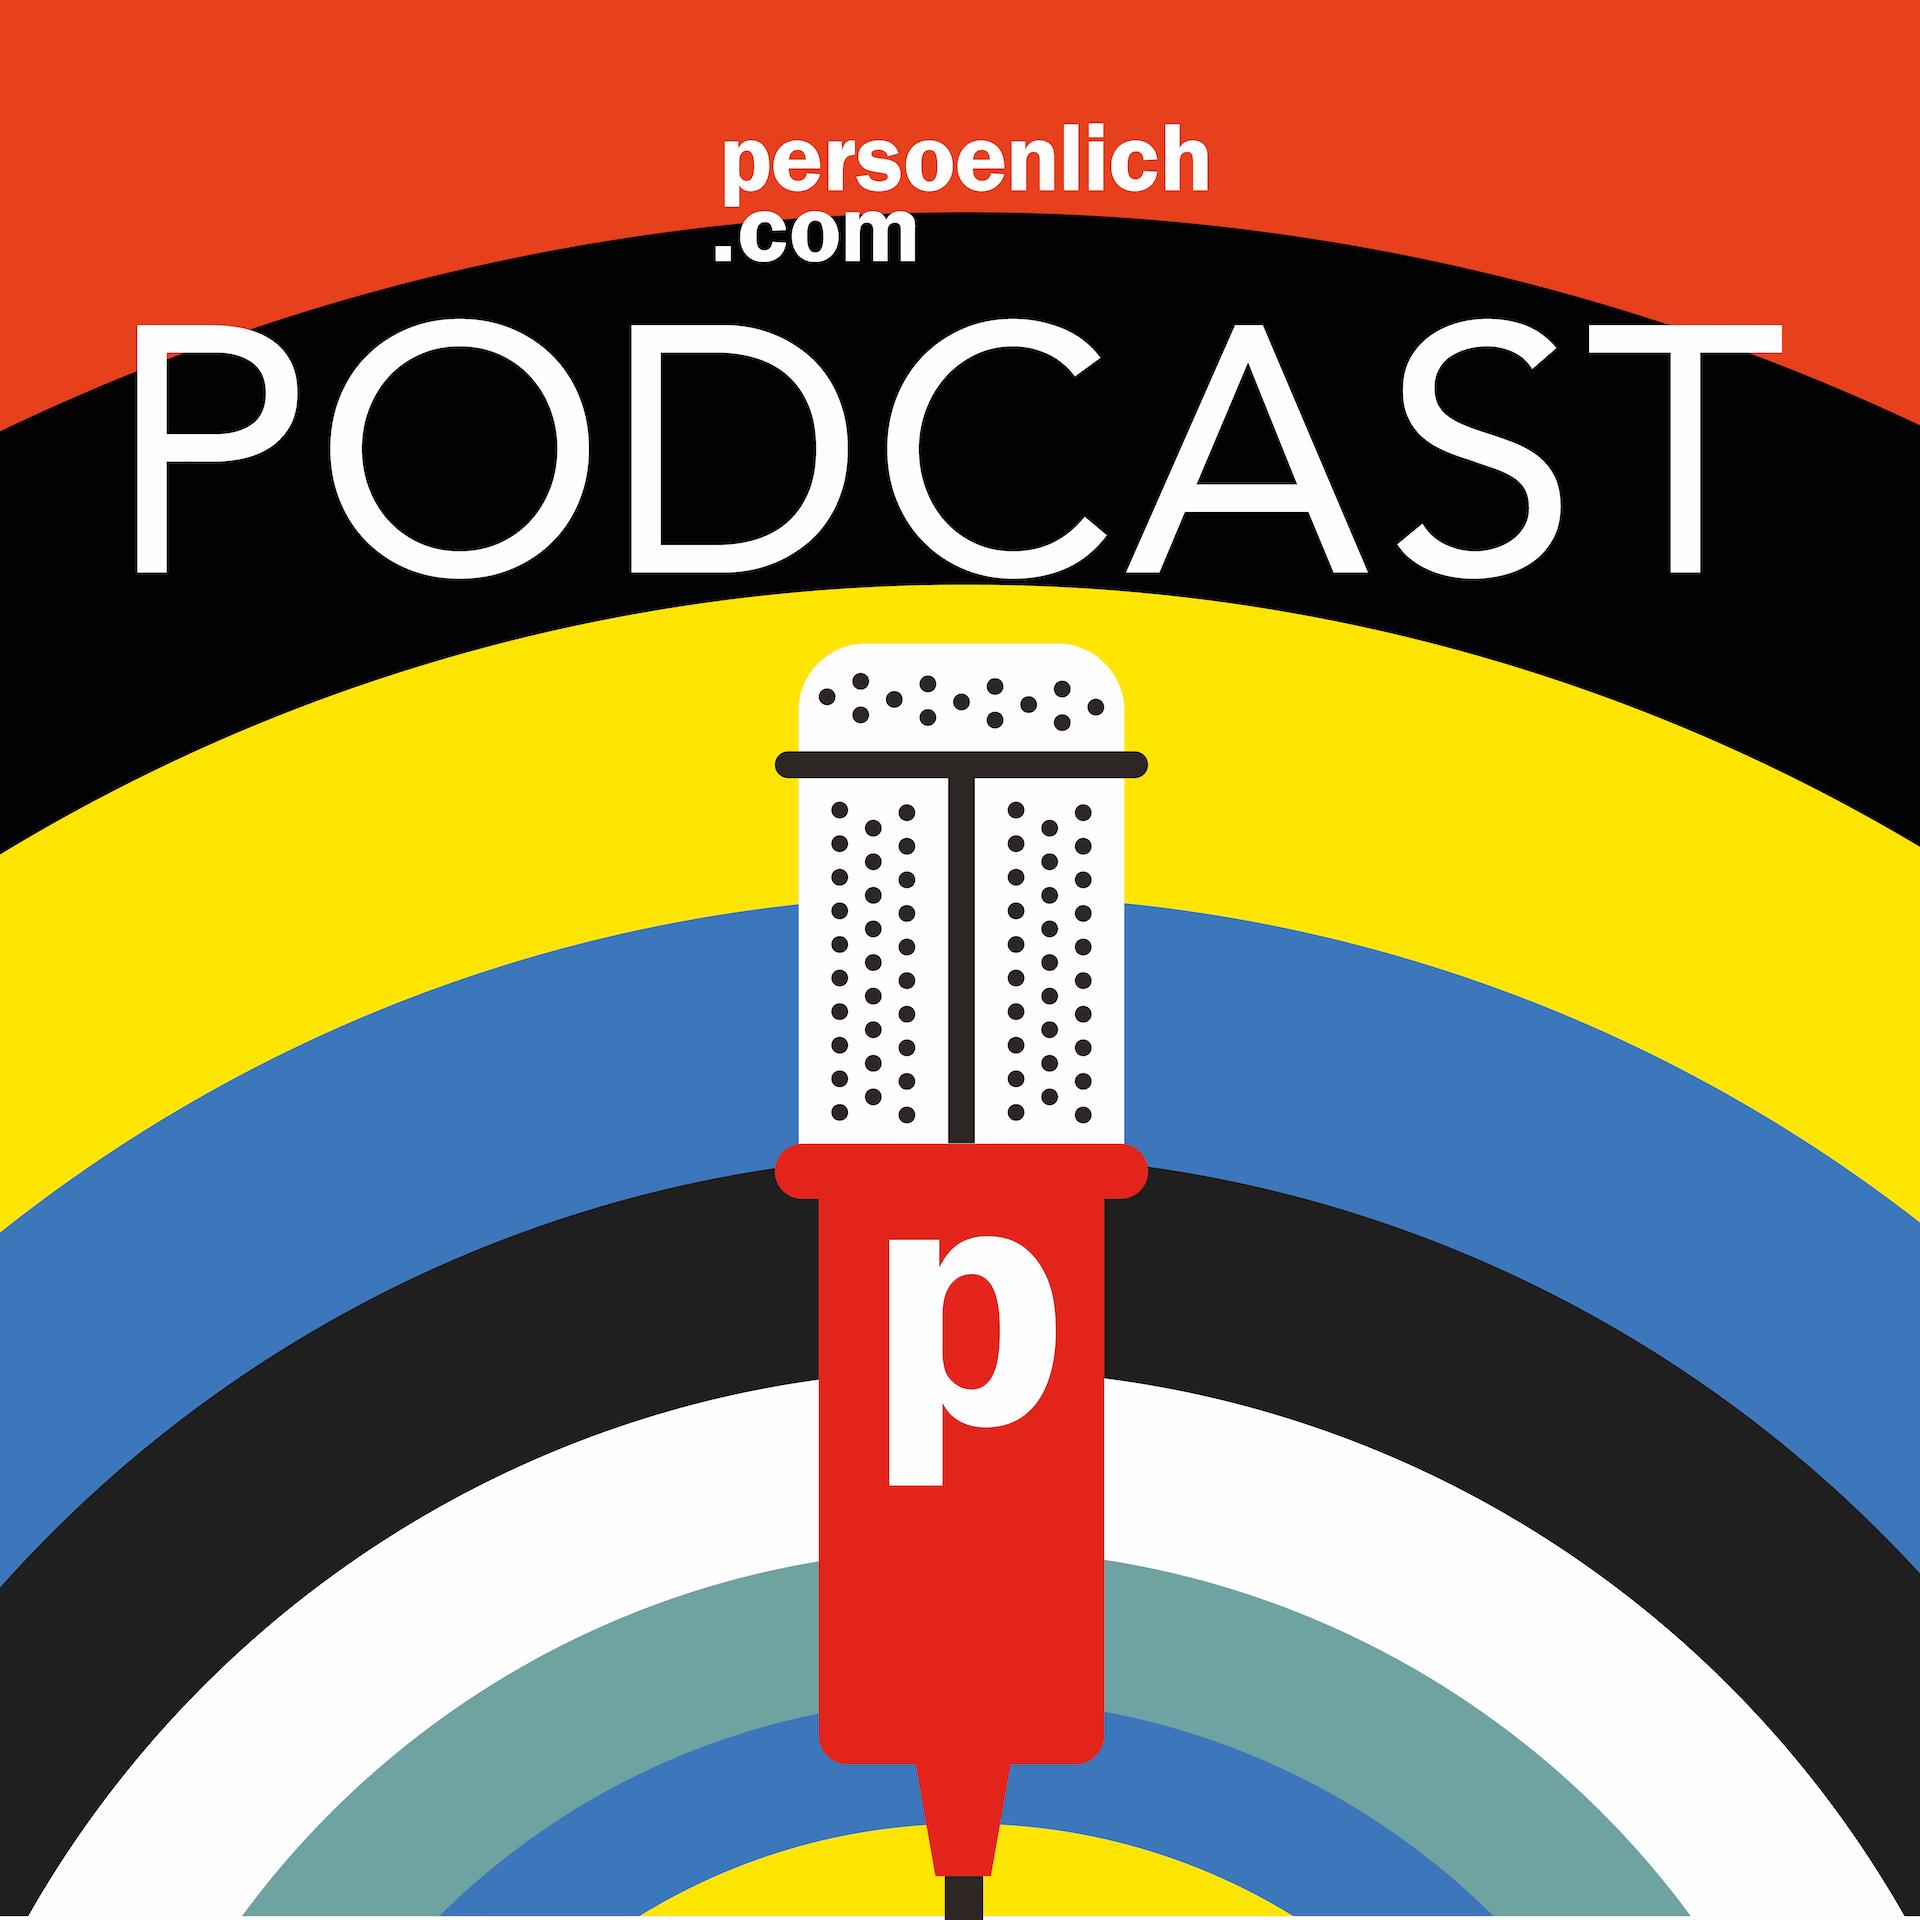 podcastlogo2